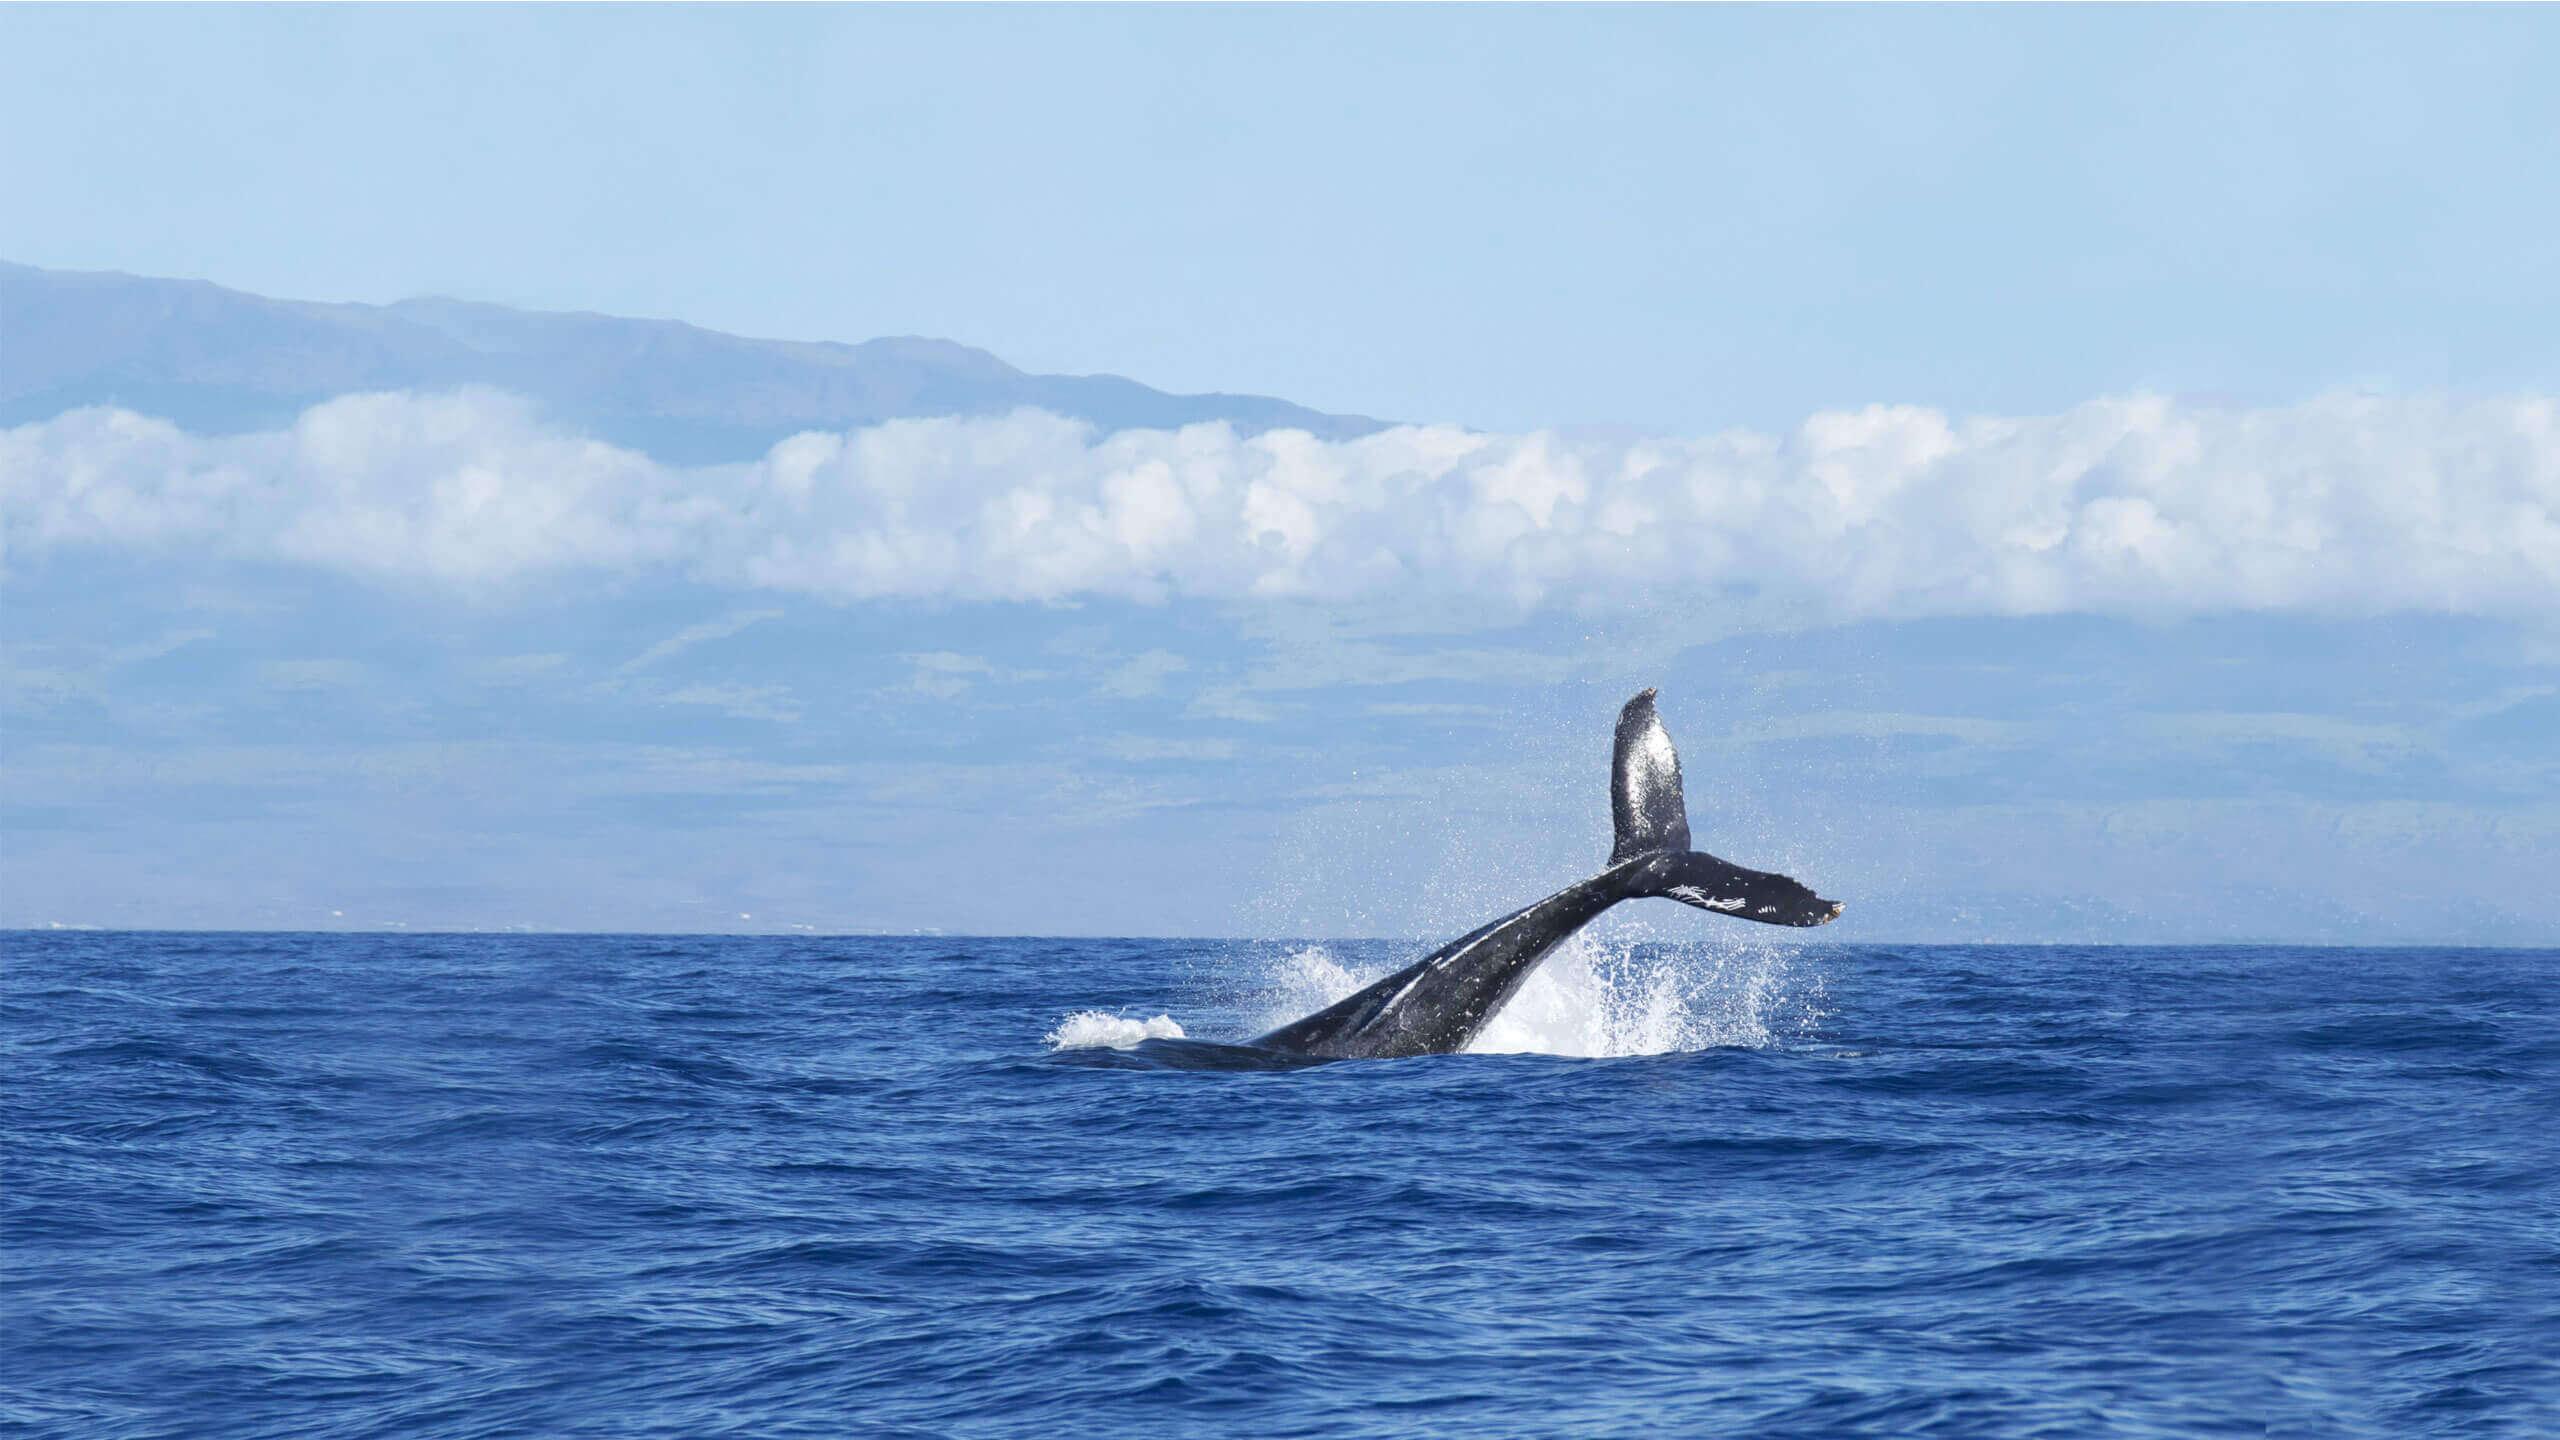 阿里巴巴-人工智能-鲸观